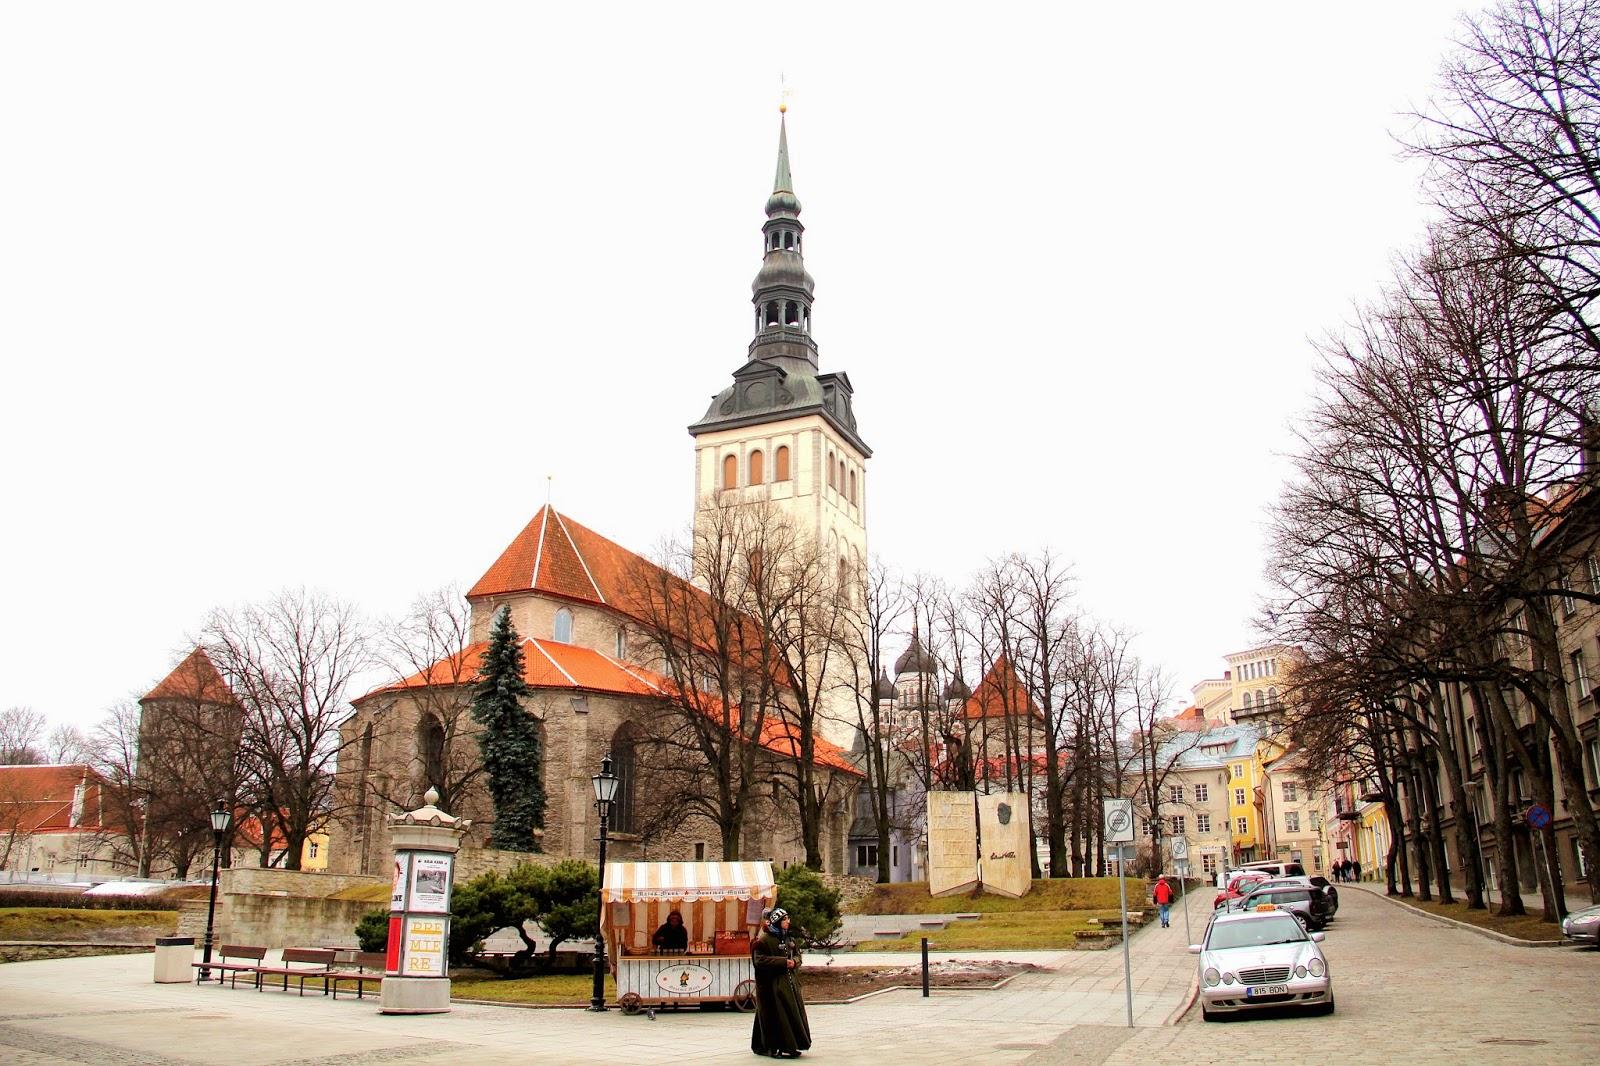 St. Nicholas' Church Tallinn